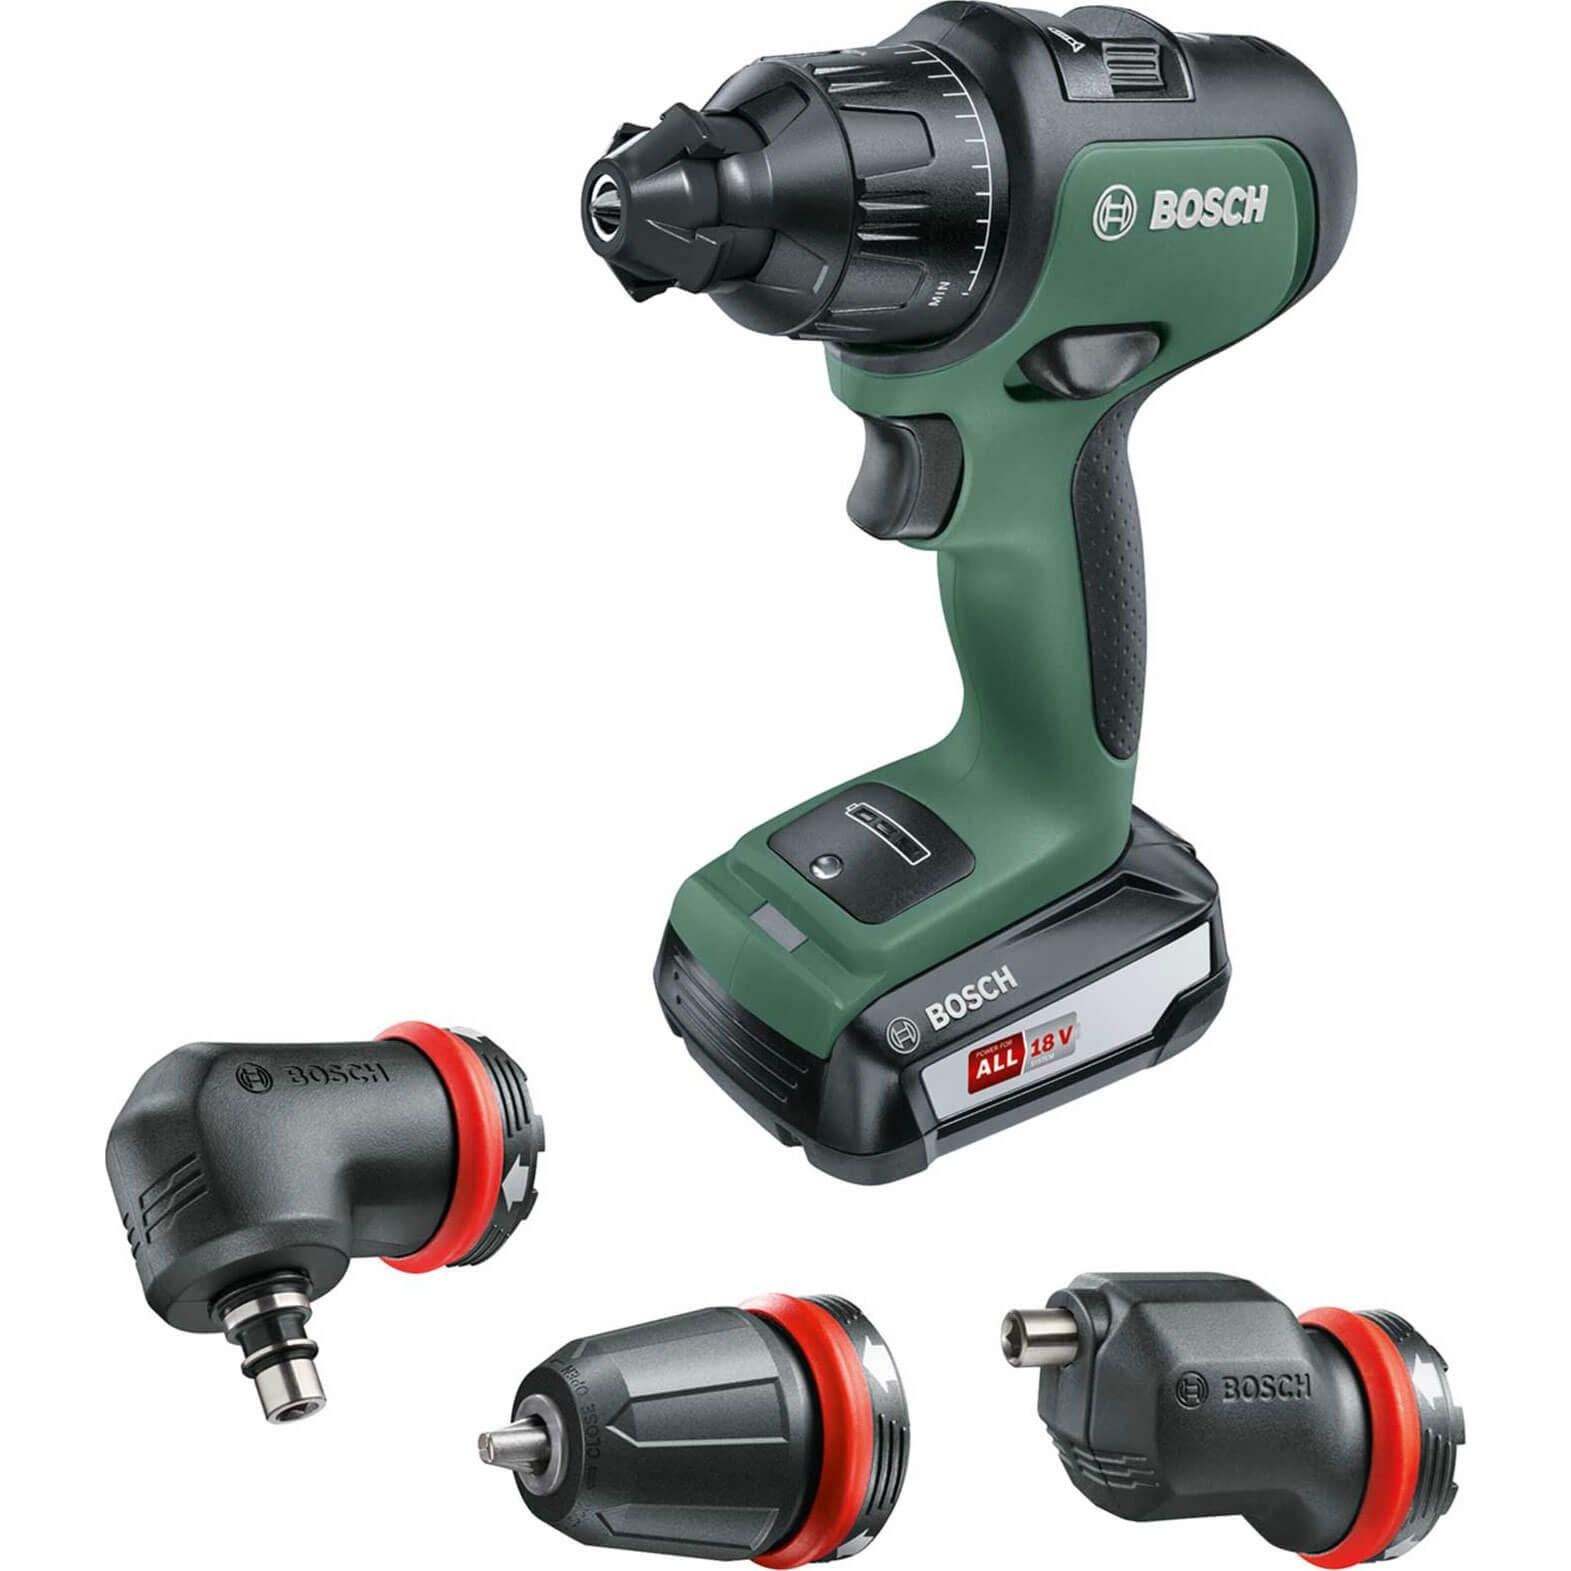 Bosch ADVANCEDIMPACT 18v Cordless Combi Drill + 3 Attachments